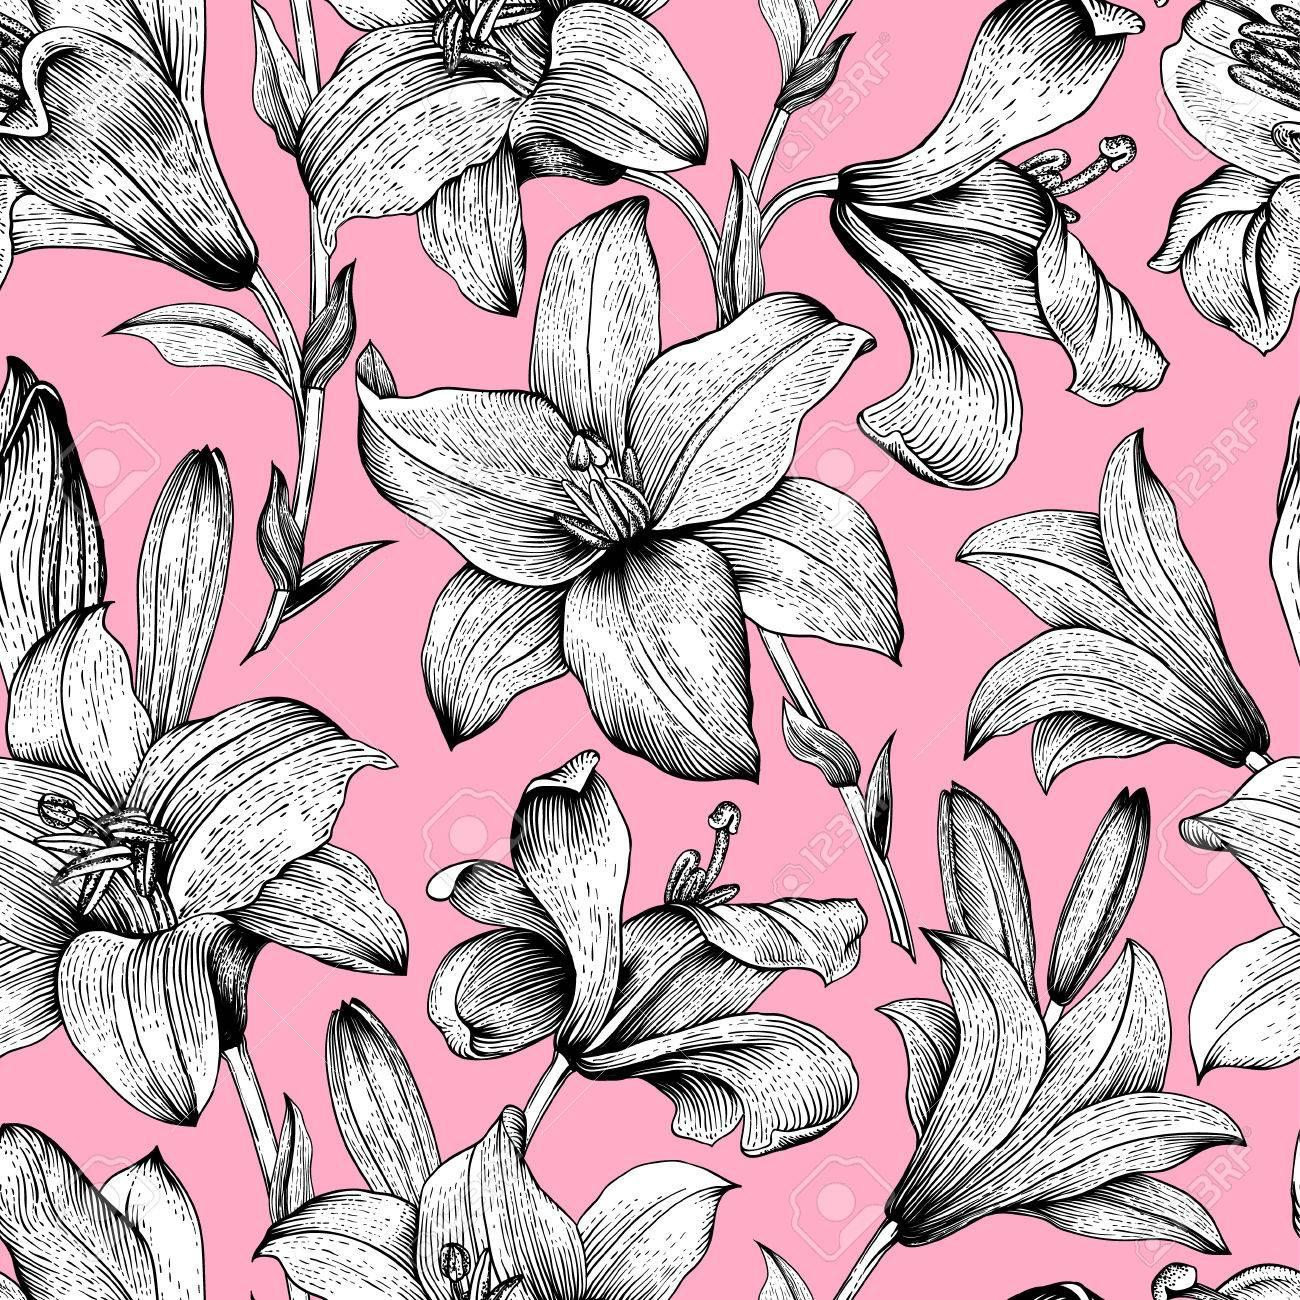 Patron Floral Vector Transparente Blanco Y Negro Lirios Reales Flores Sobre Un Fondo Rosa